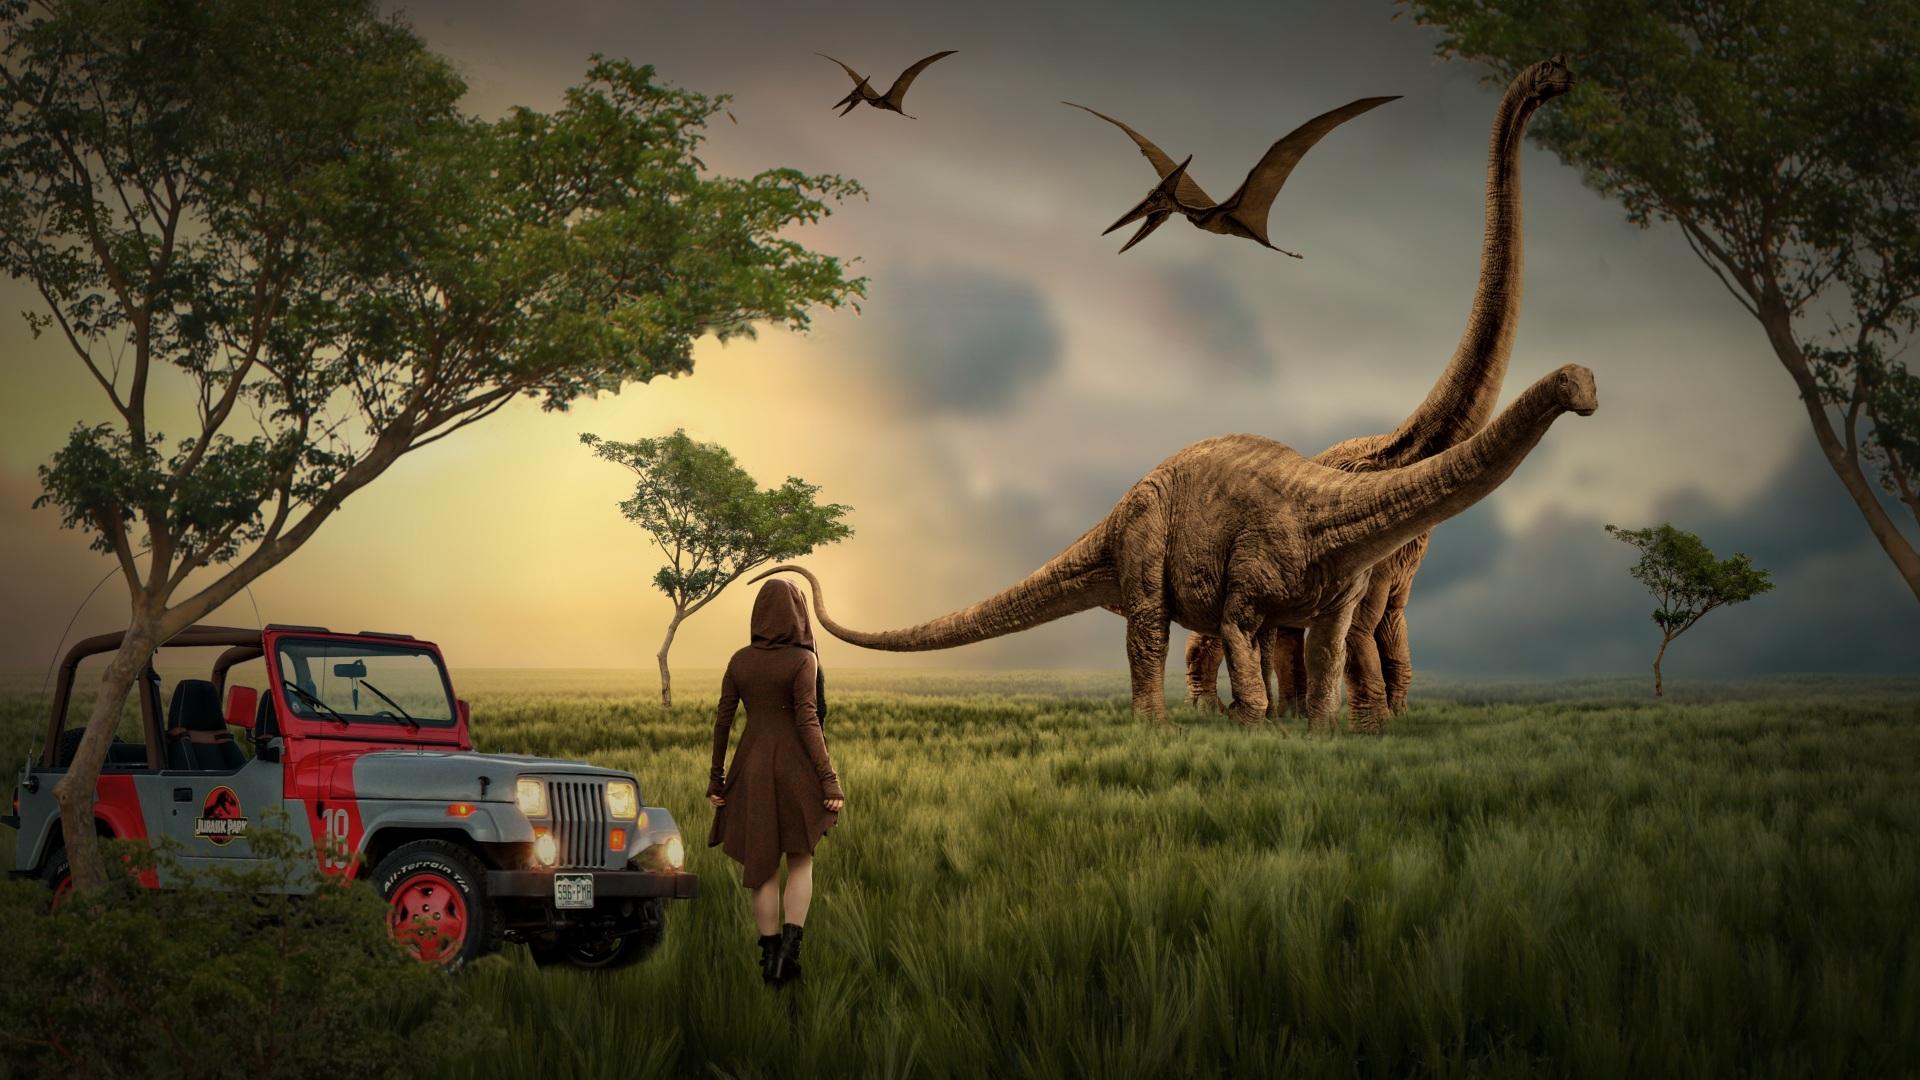 Картинки Jeep Динозавры девушка Фантастика Трава 1920x1080 Джип динозавр Фэнтези Девушки молодая женщина молодые женщины траве